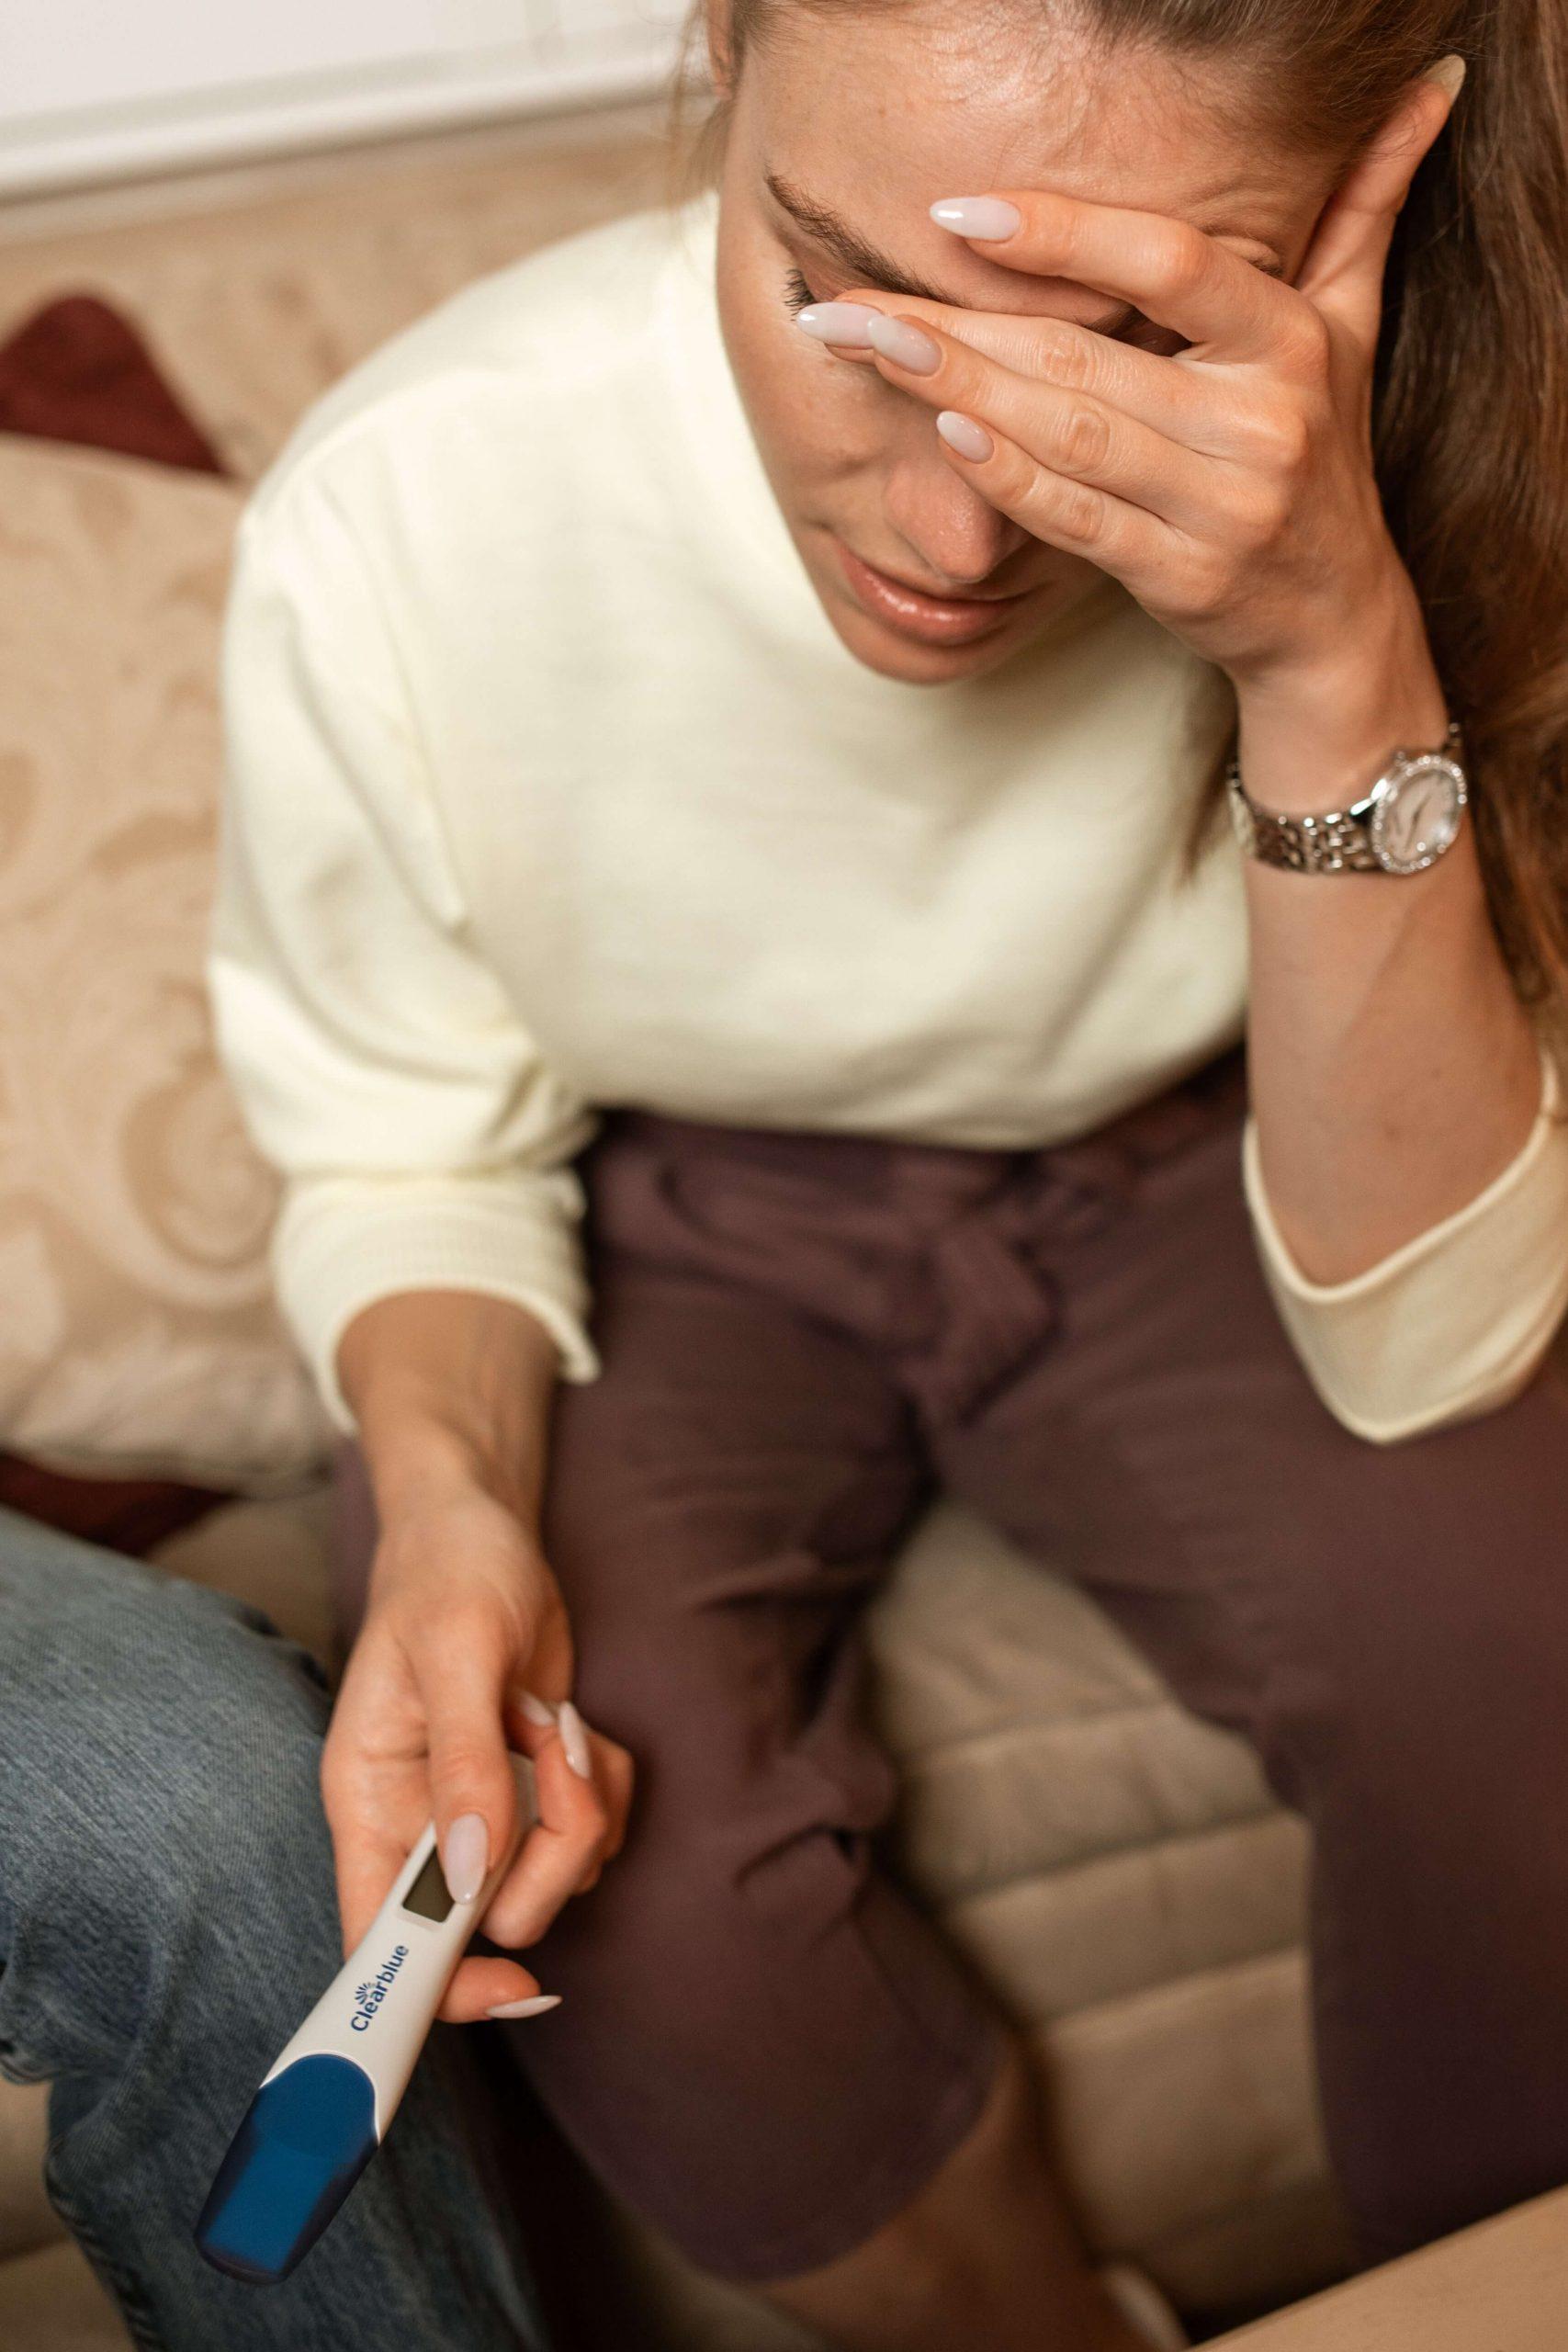 pil kecemasan boleh tak diambil jika hamil